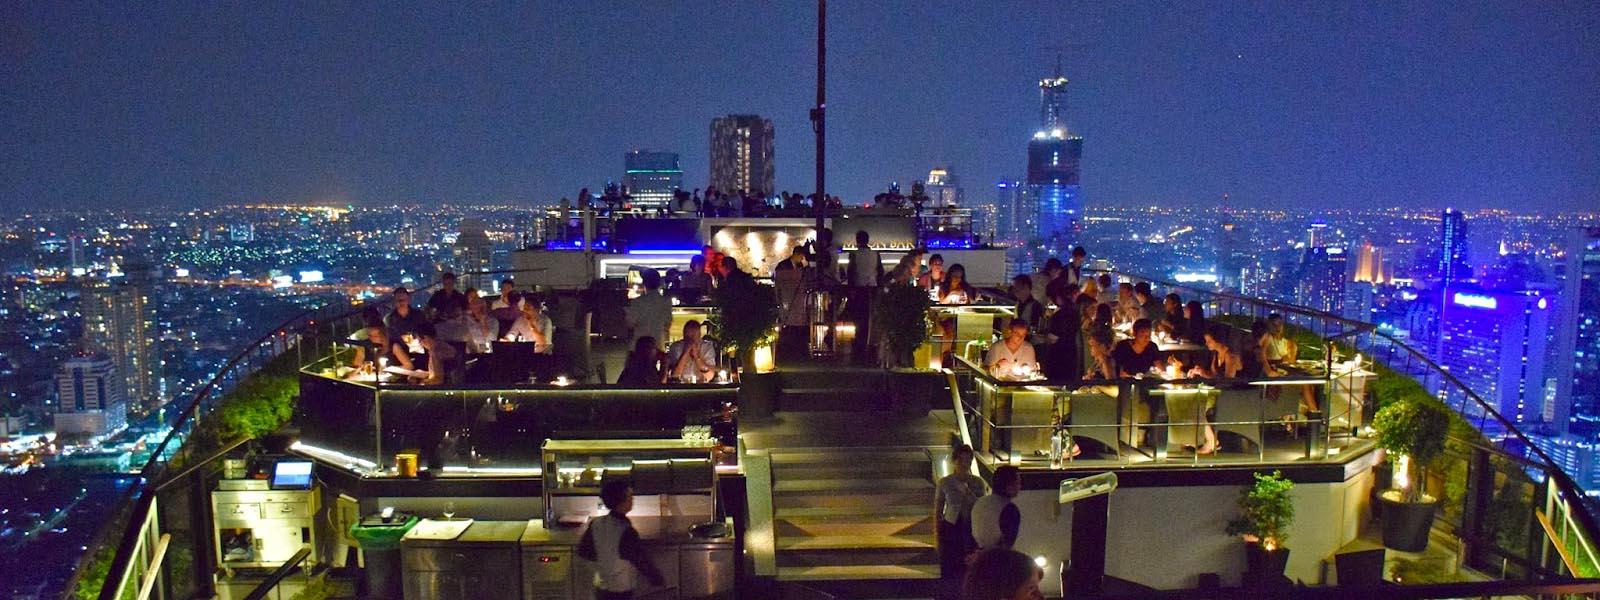 Vertigo and Moon Bar em Bangkok, Tailândia | Créditos: Lala Rebelo